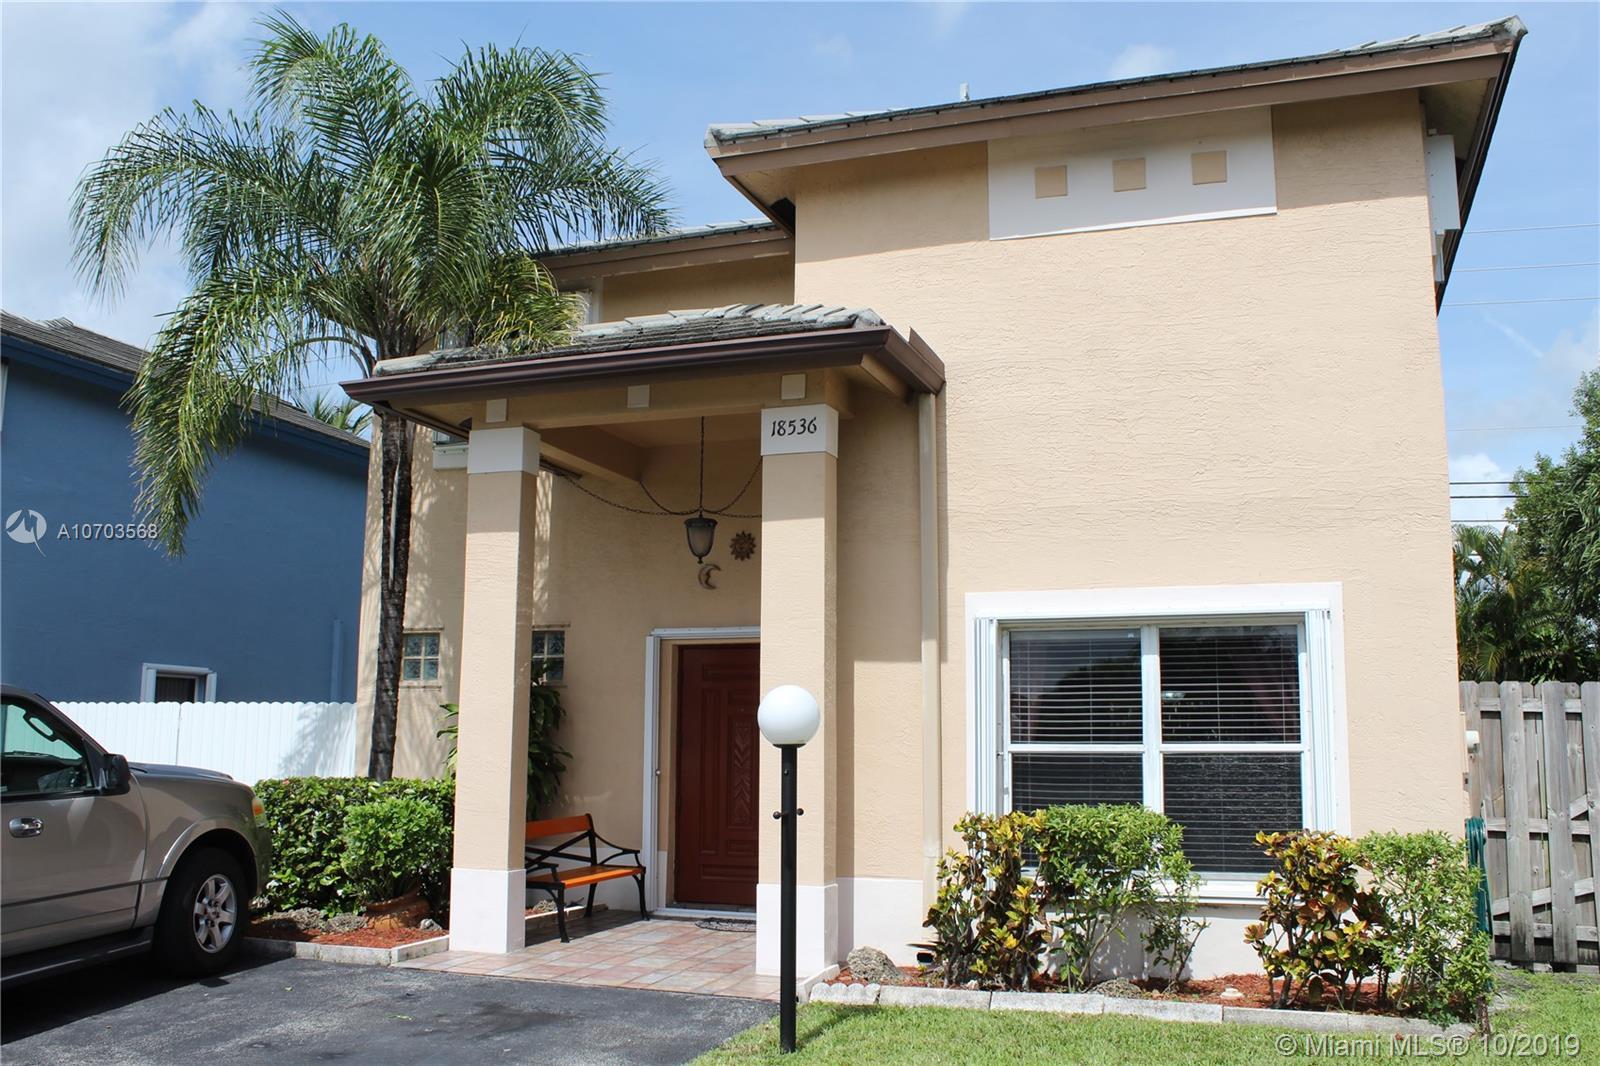 18536 Nw 56th Pl Miami Gardens, FL 33055